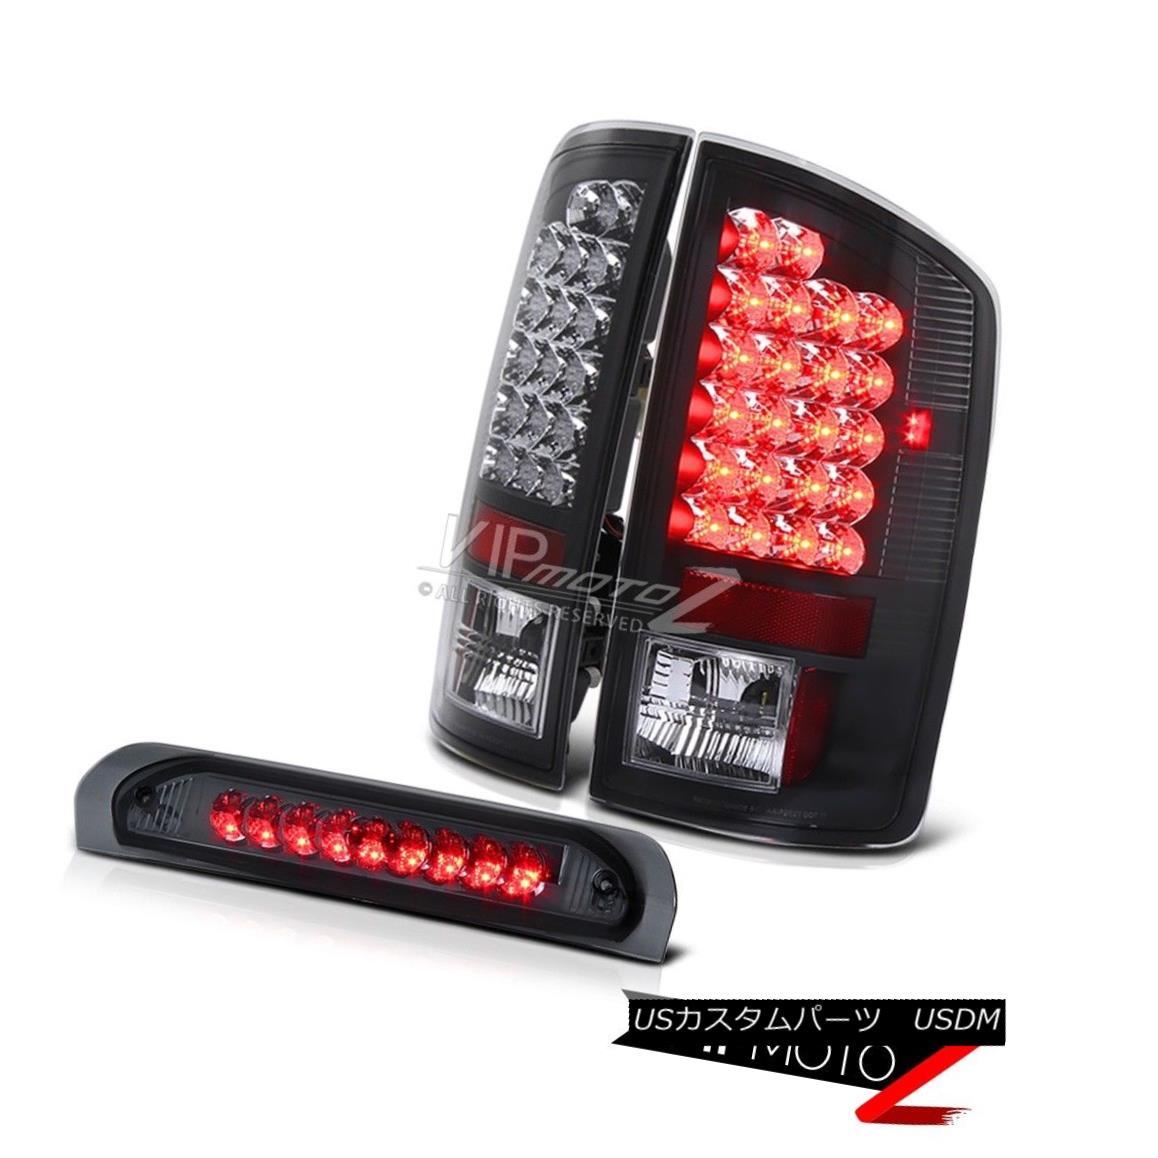 テールライト 02-05 Dodge Ram 1500/2500/3500 L+R Black Led Tail Light+Smoke Led 3rd Brake Lamp 02-05ダッジラム1500/2500/3500 L + RブラックLedテールライト+ Smoke Led第3ブレーキランプ